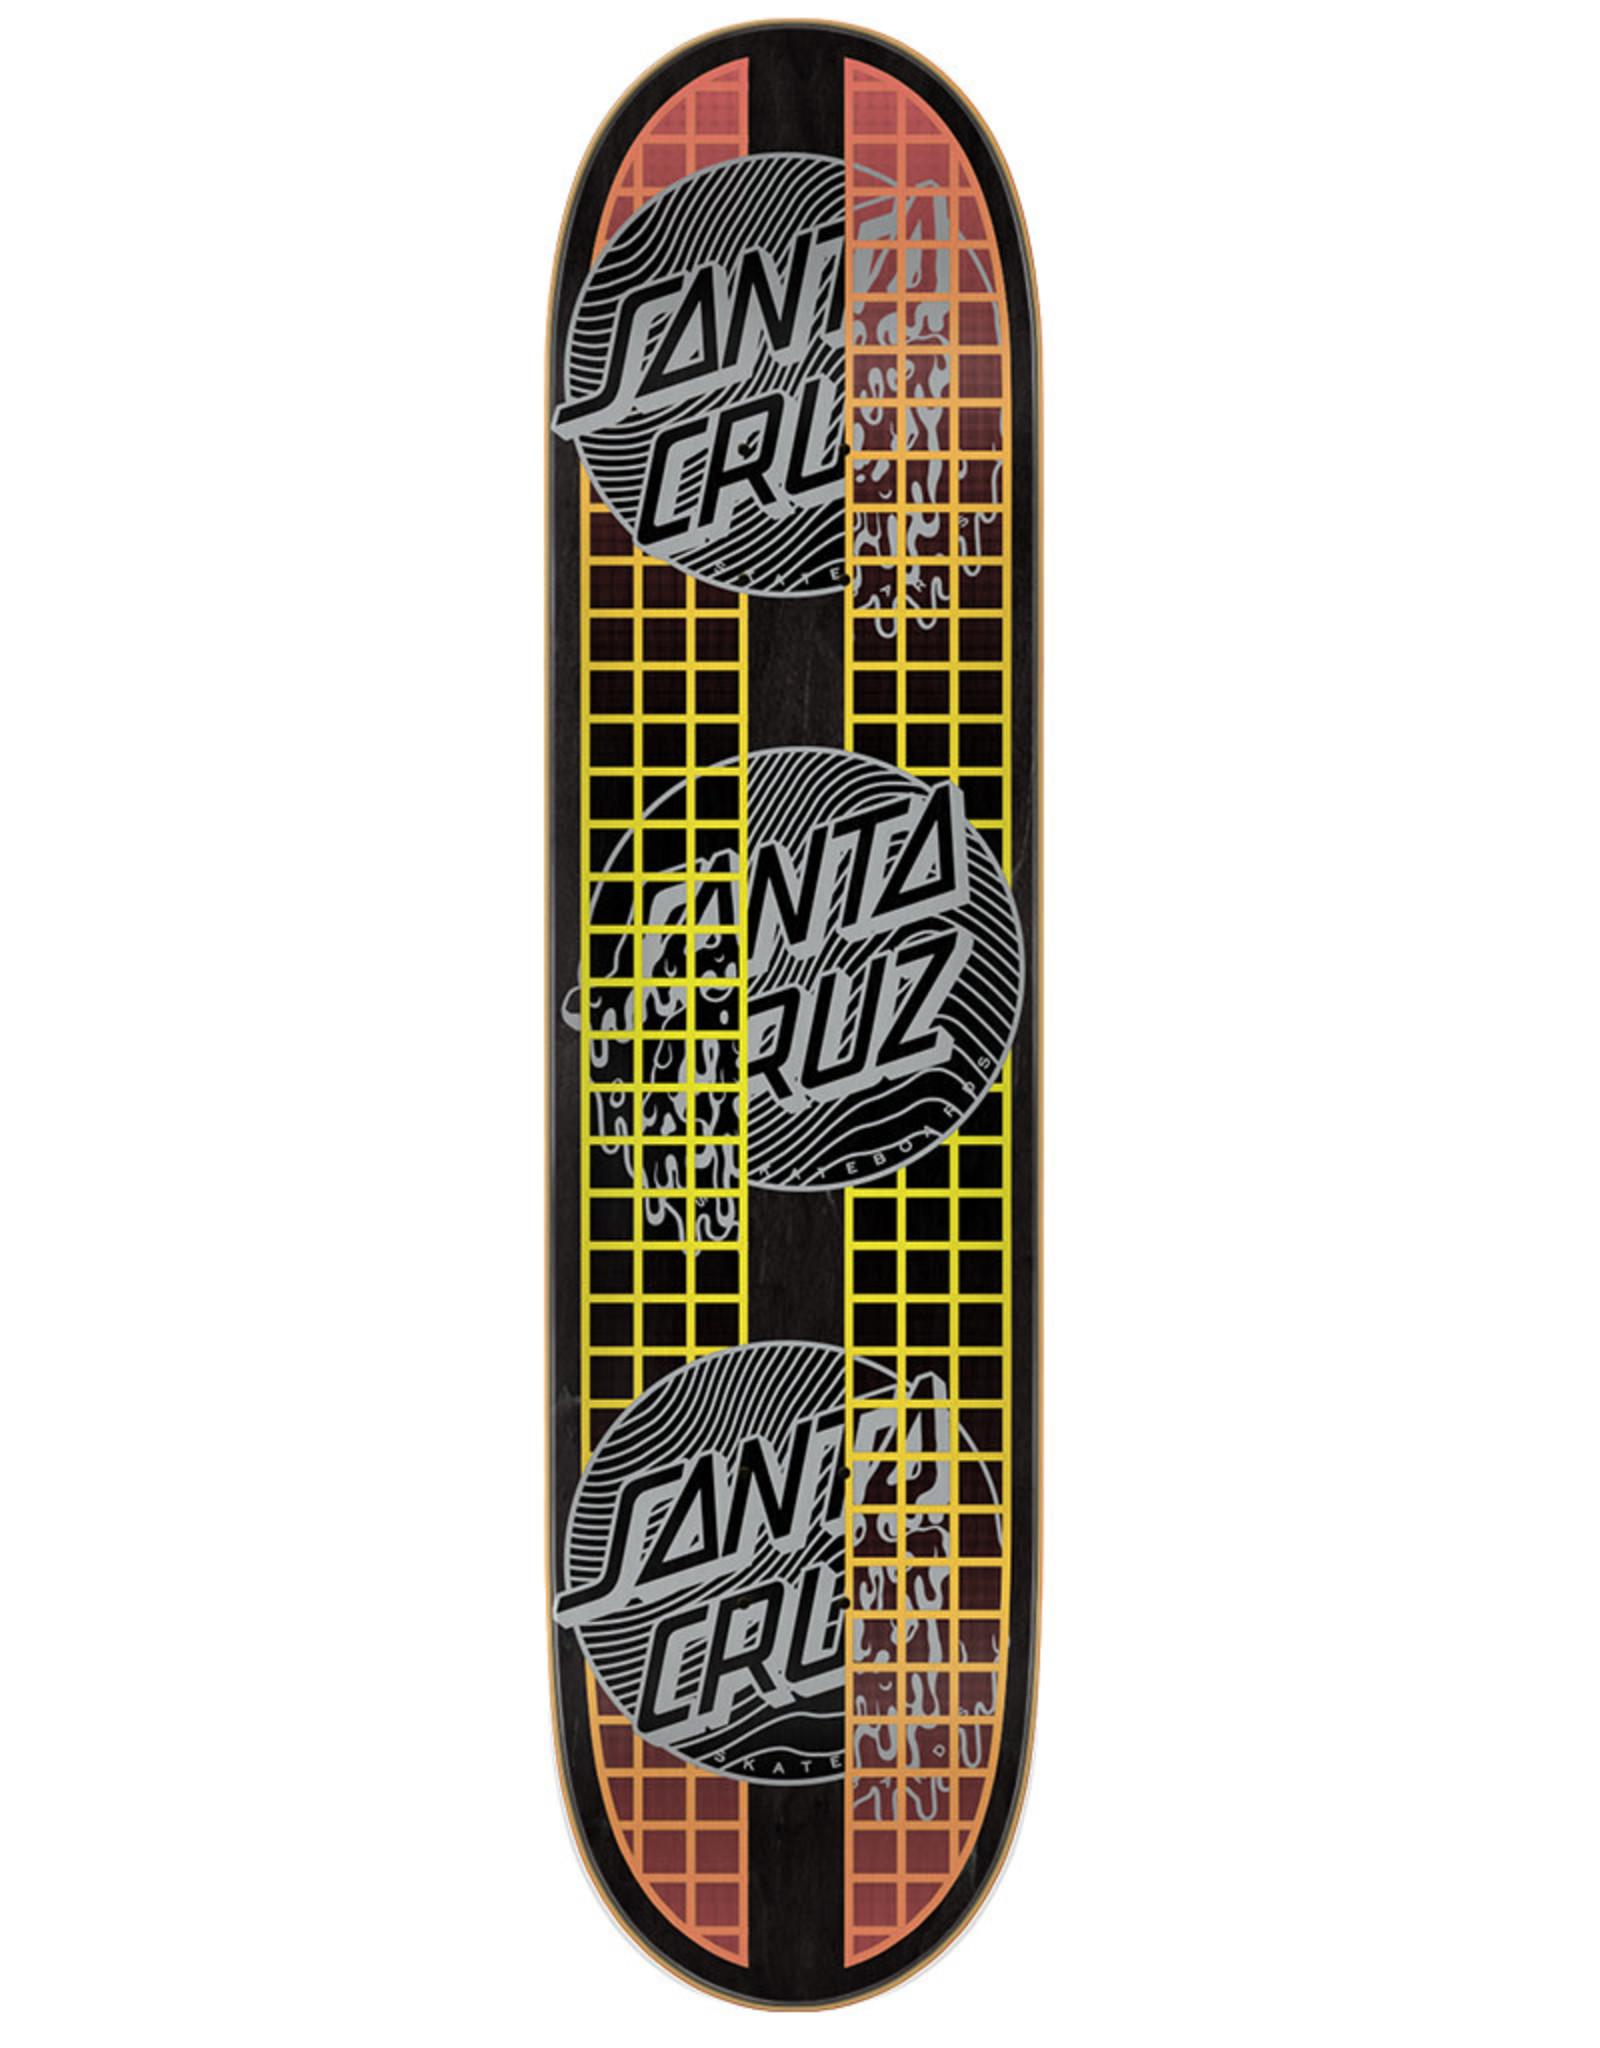 Santa Cruz Santa Cruz Deck Team Transcend Dots VX (7.75)